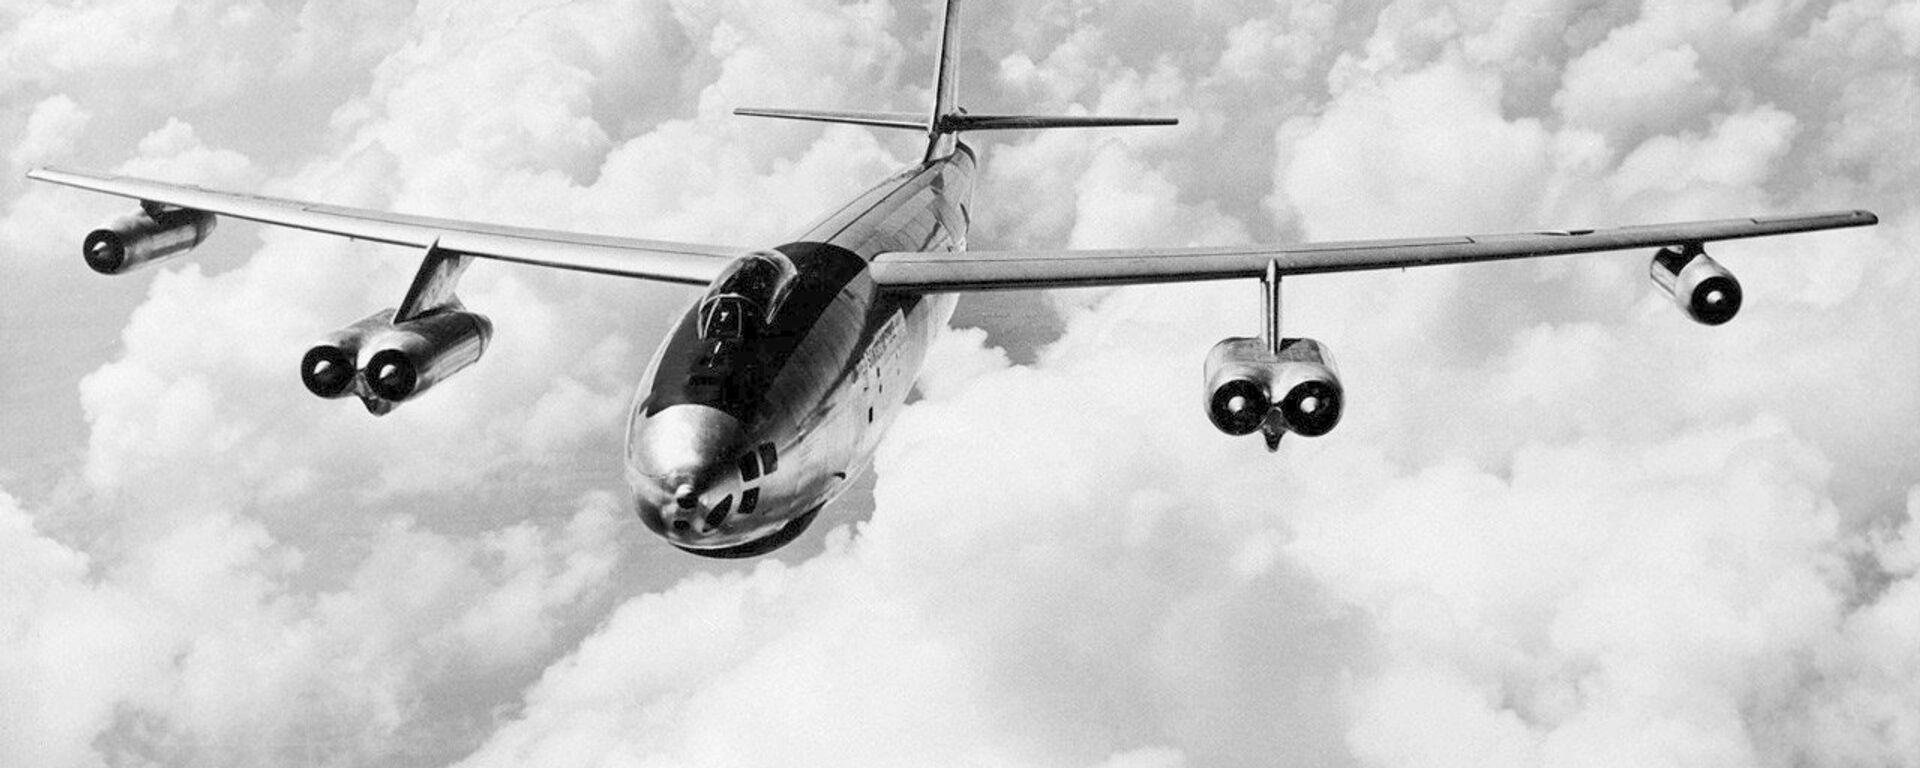 Un bombardero B-47 Stratojet - Sputnik Mundo, 1920, 05.02.2019